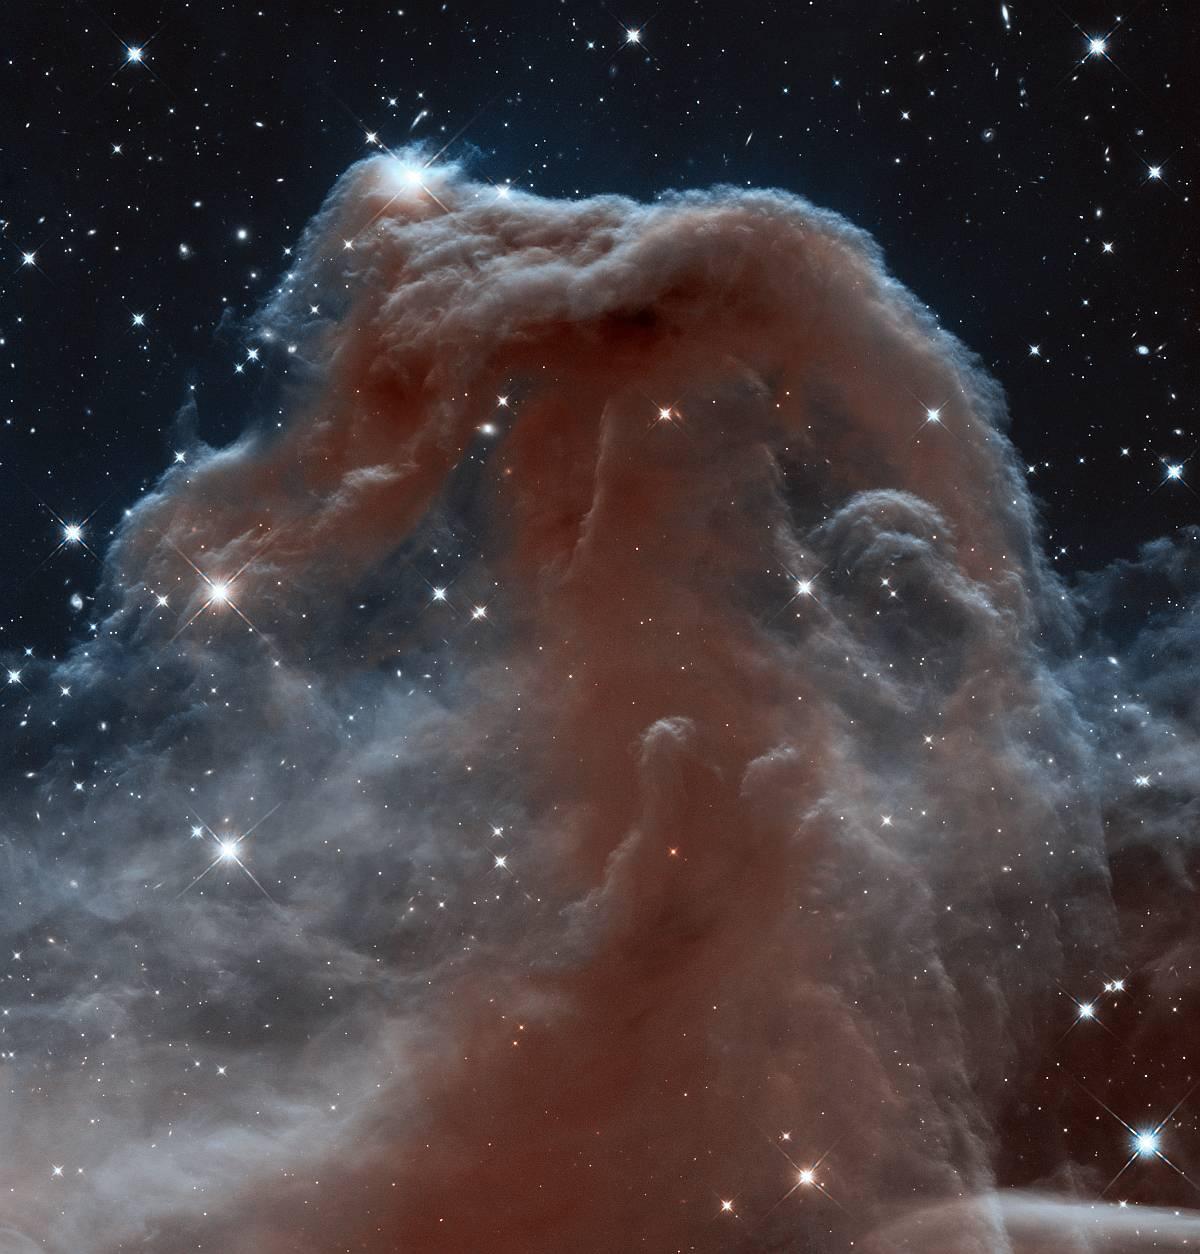 Конская голова, увеличенный фрагмент